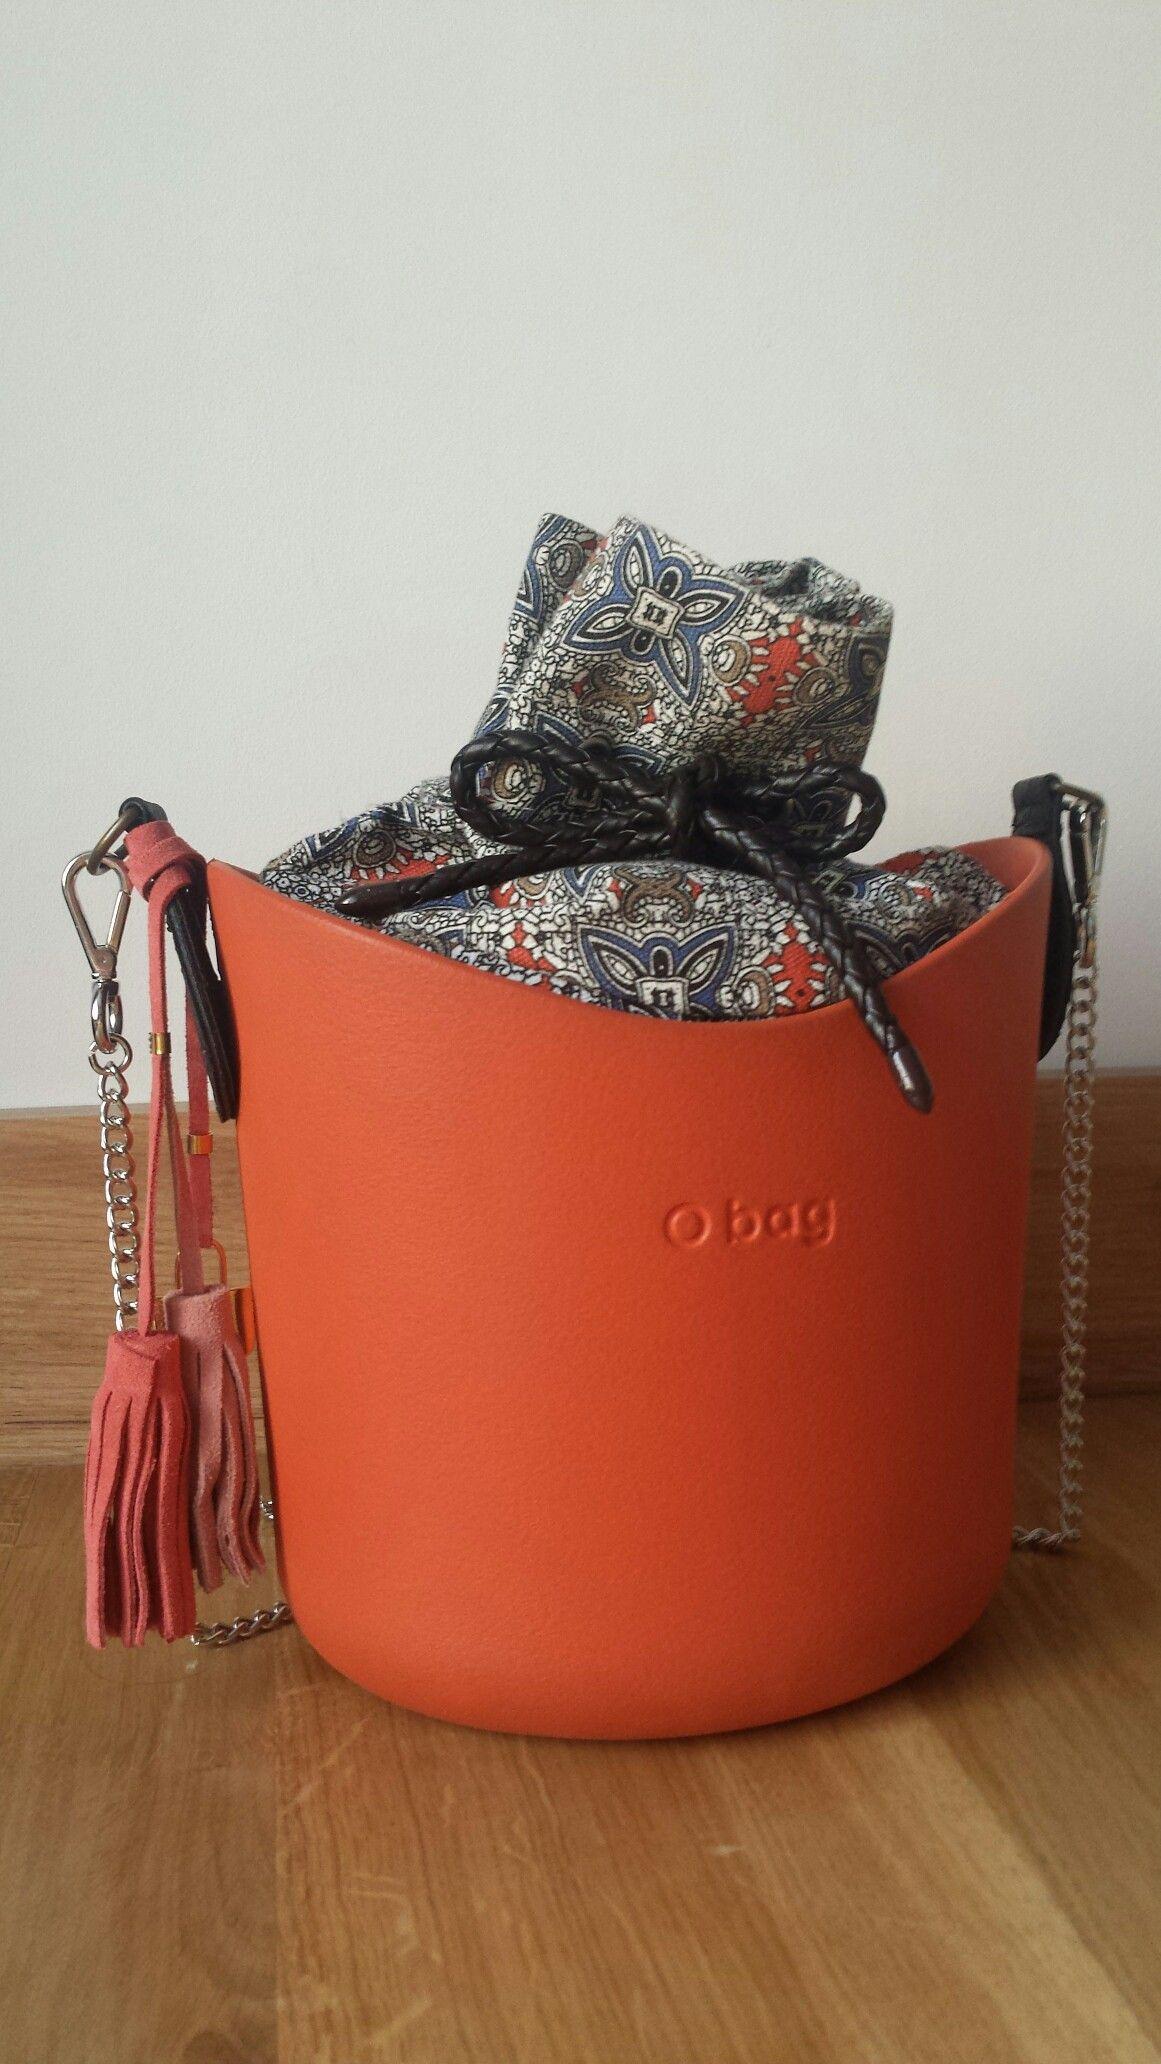 849f51a28d O bag, O basket, fullspot   O Bag